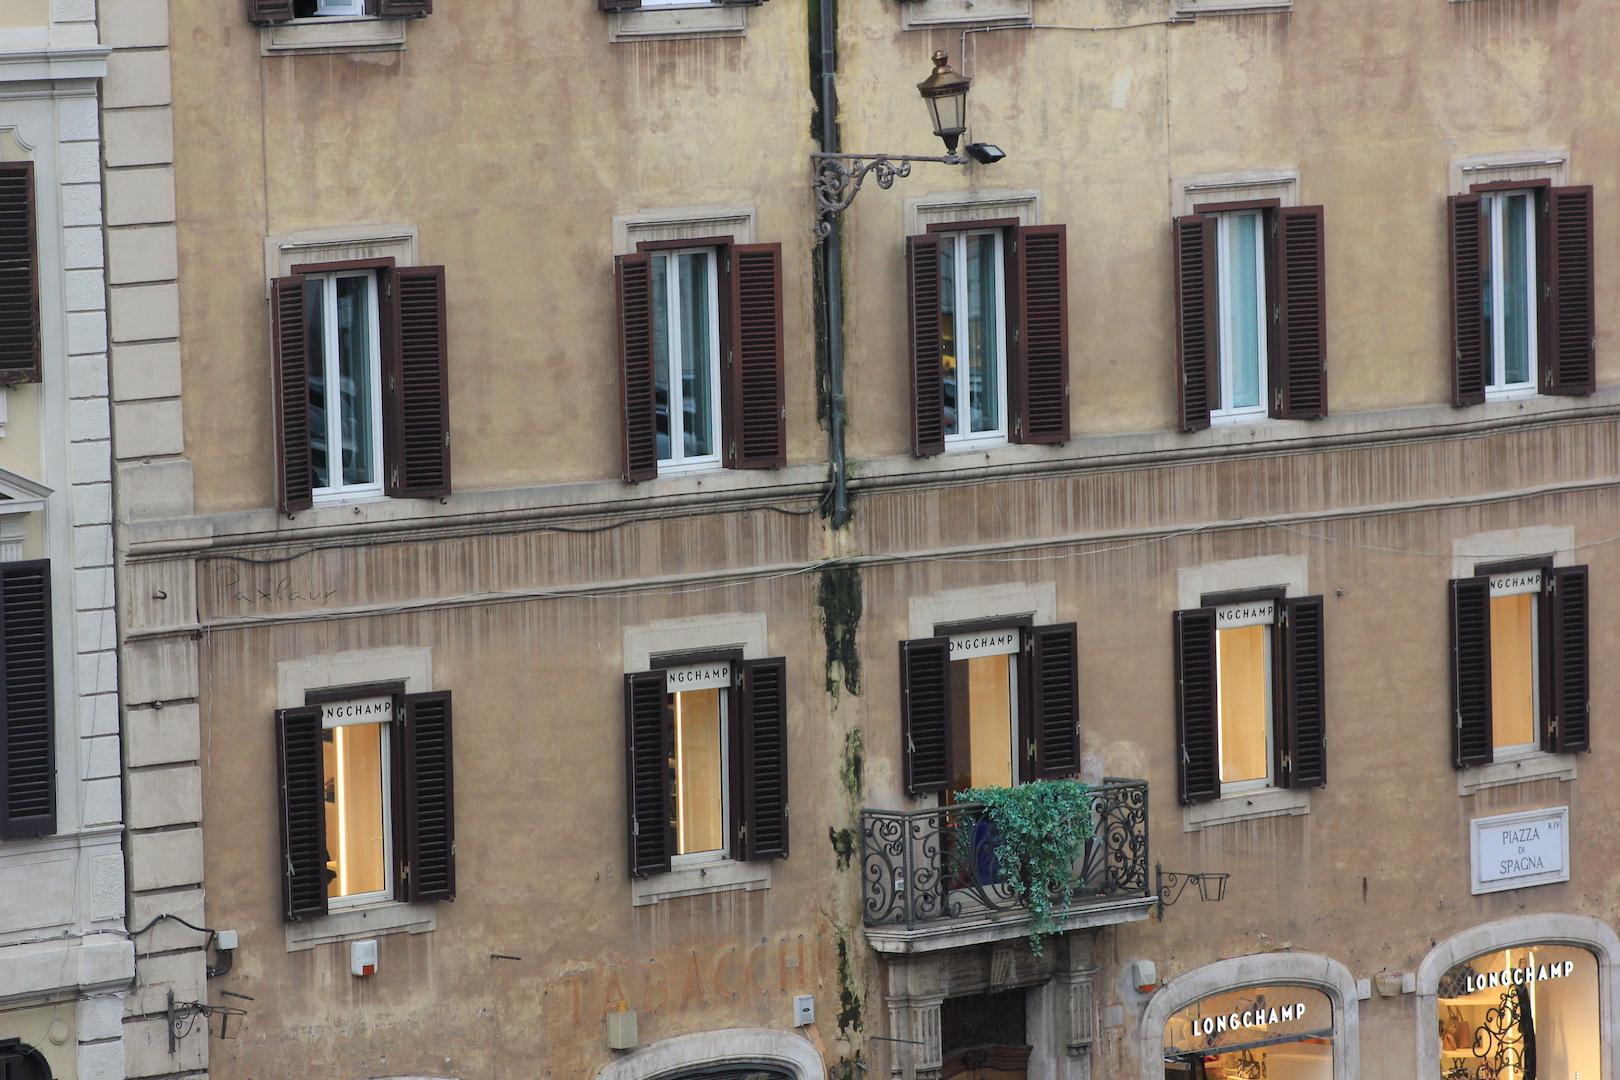 roma_piazza-di-spagna_noiembrie2016_paxlaur9